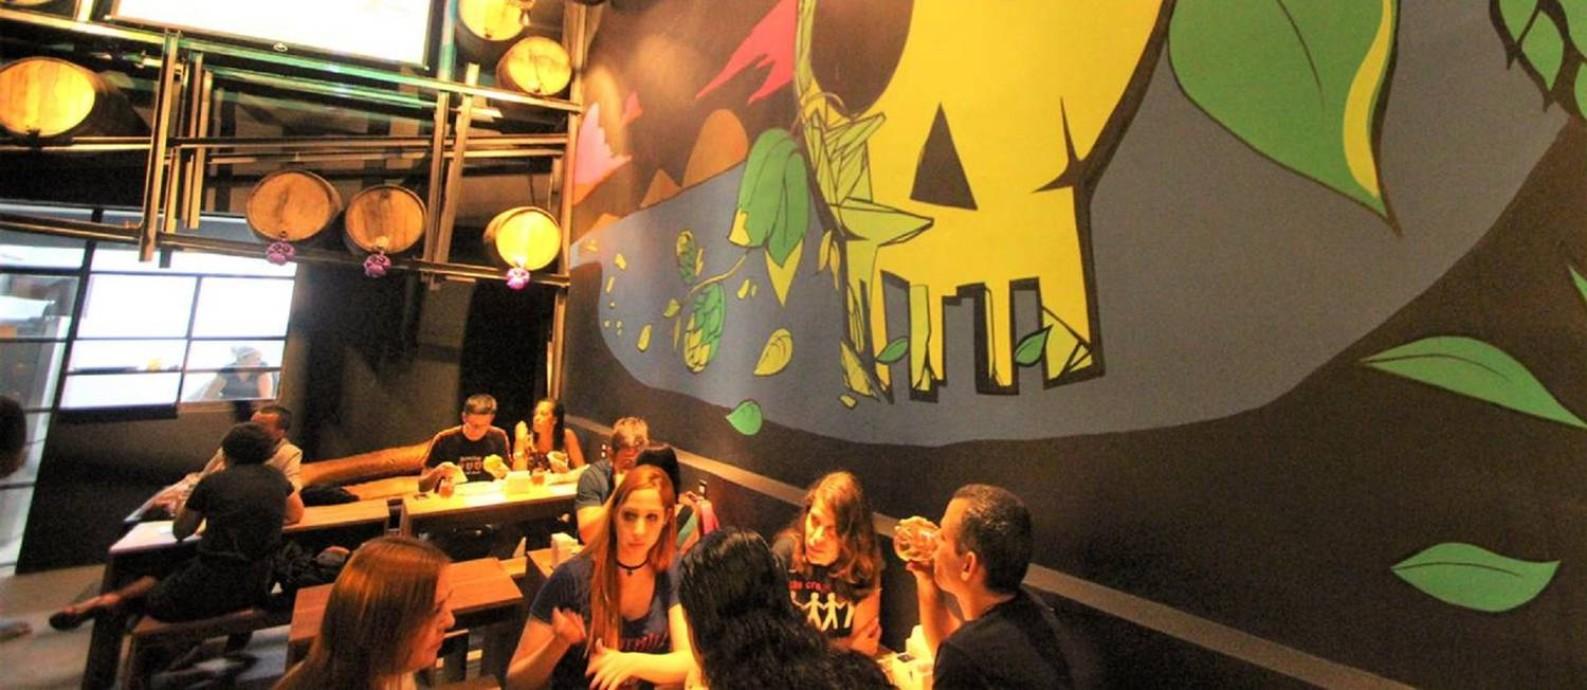 Pé Limpo: OverHop Experience, 12 novas torneiras em Botafogo Foto: Divulgação